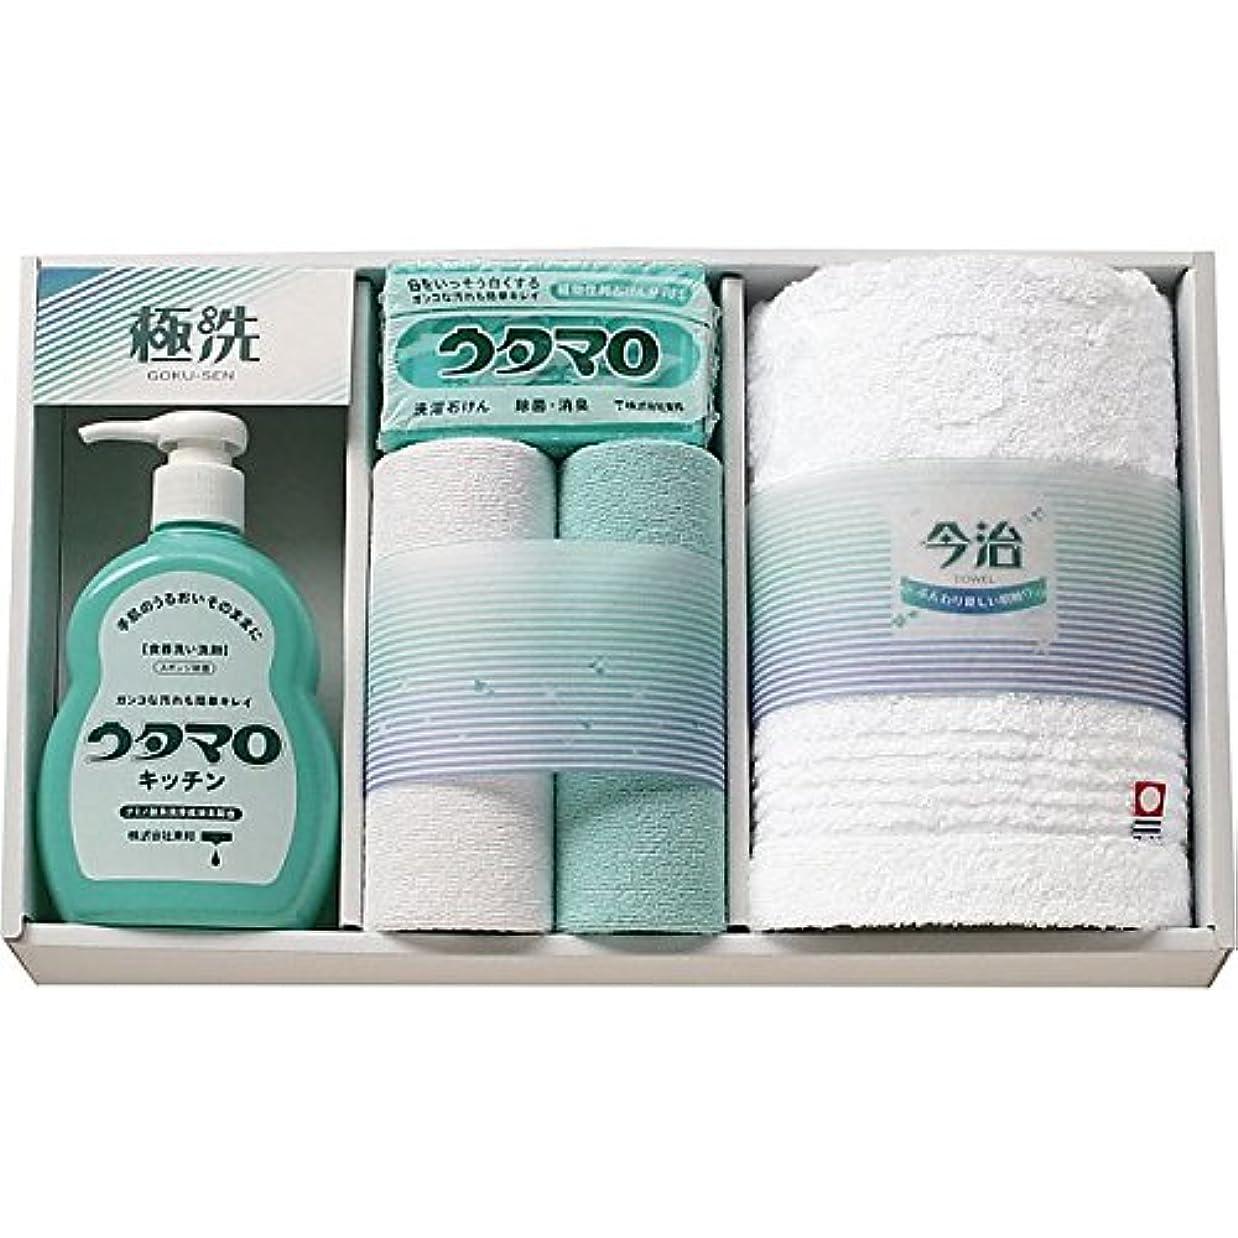 規則性剛性( ウタマロ ) 石鹸?キッチン洗剤ギフト ( 835-1055r )